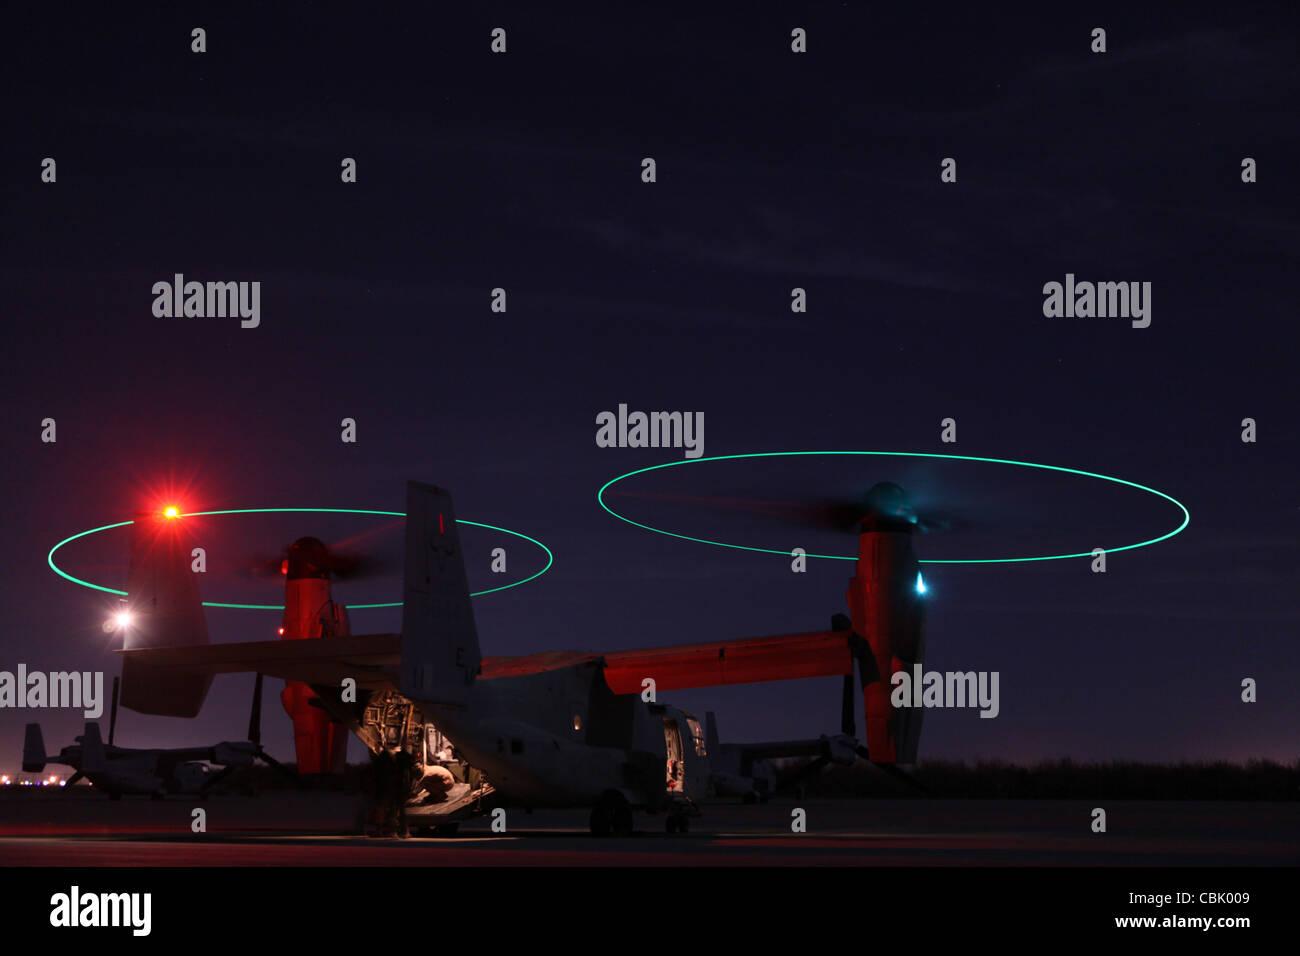 Les armes et les tactiques de l'Aviation maritime Un escadron MV-22 Osprey dans l'exposition de nuit Photo Stock